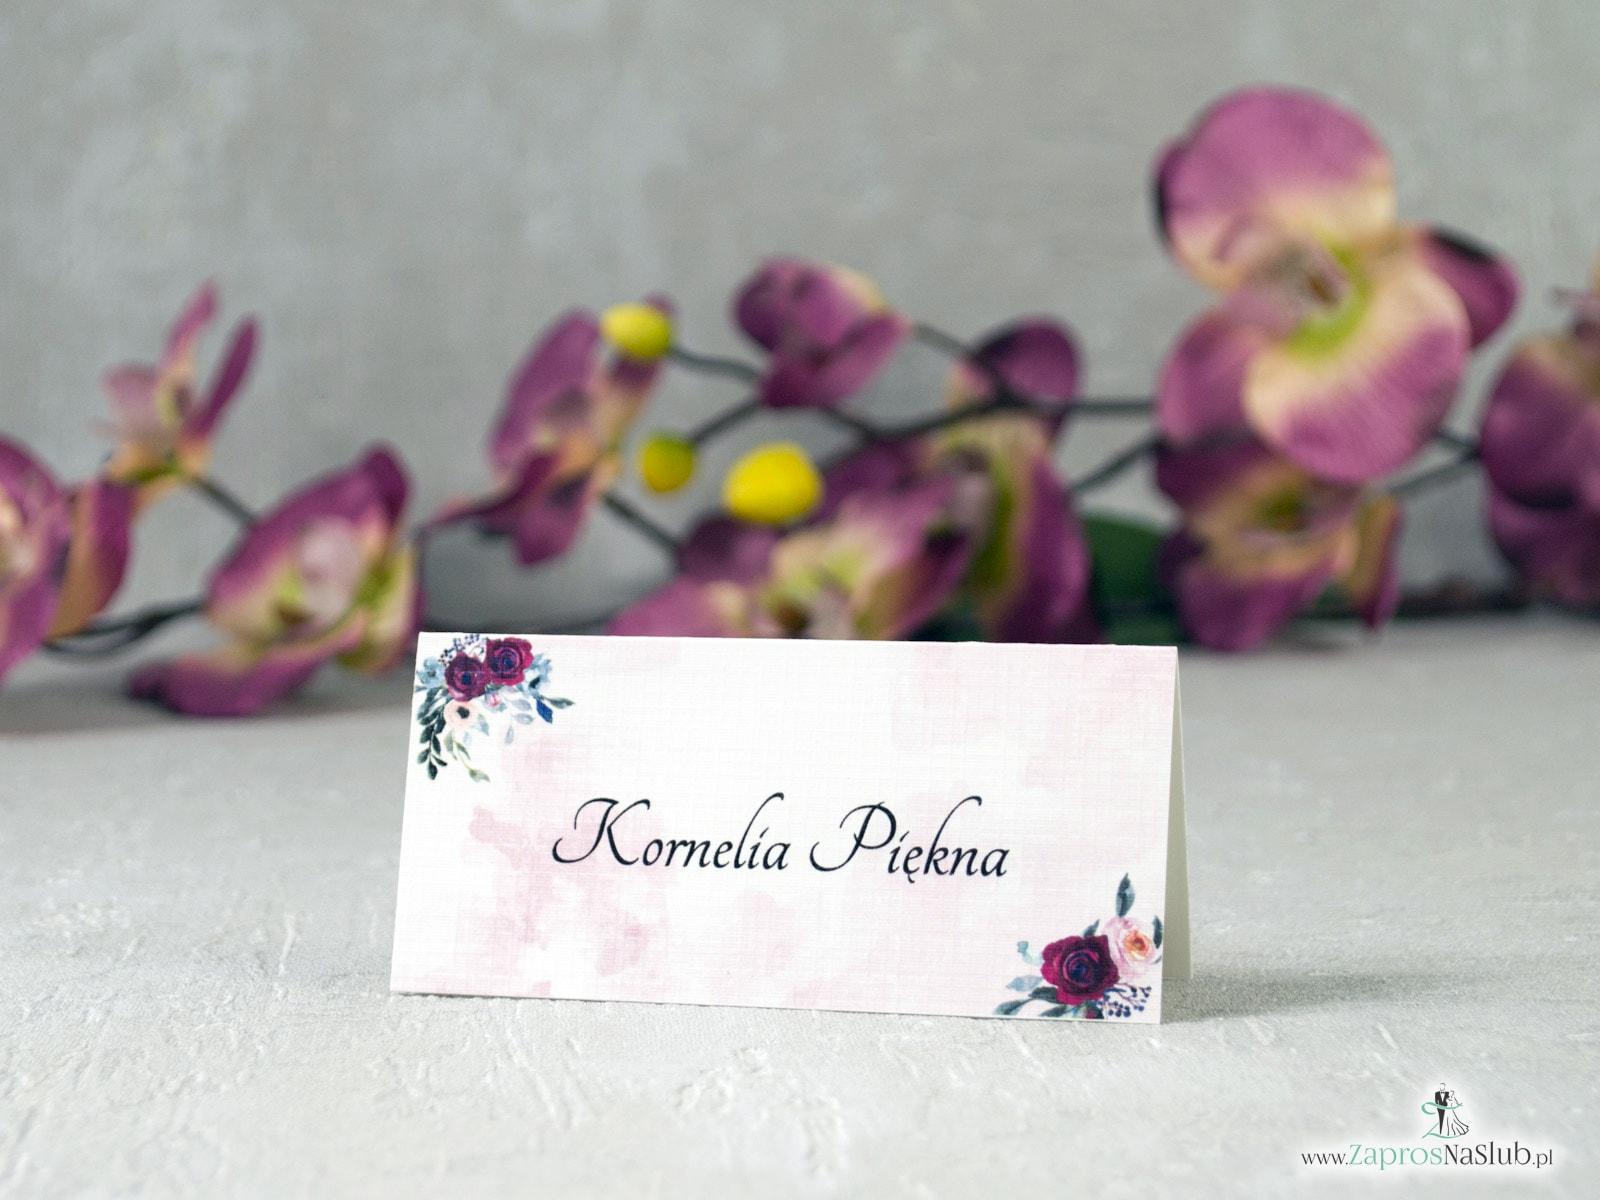 Modne winietki kwiatowe z bordowymi i różowymi różami oraz tłem. WIN-41-06